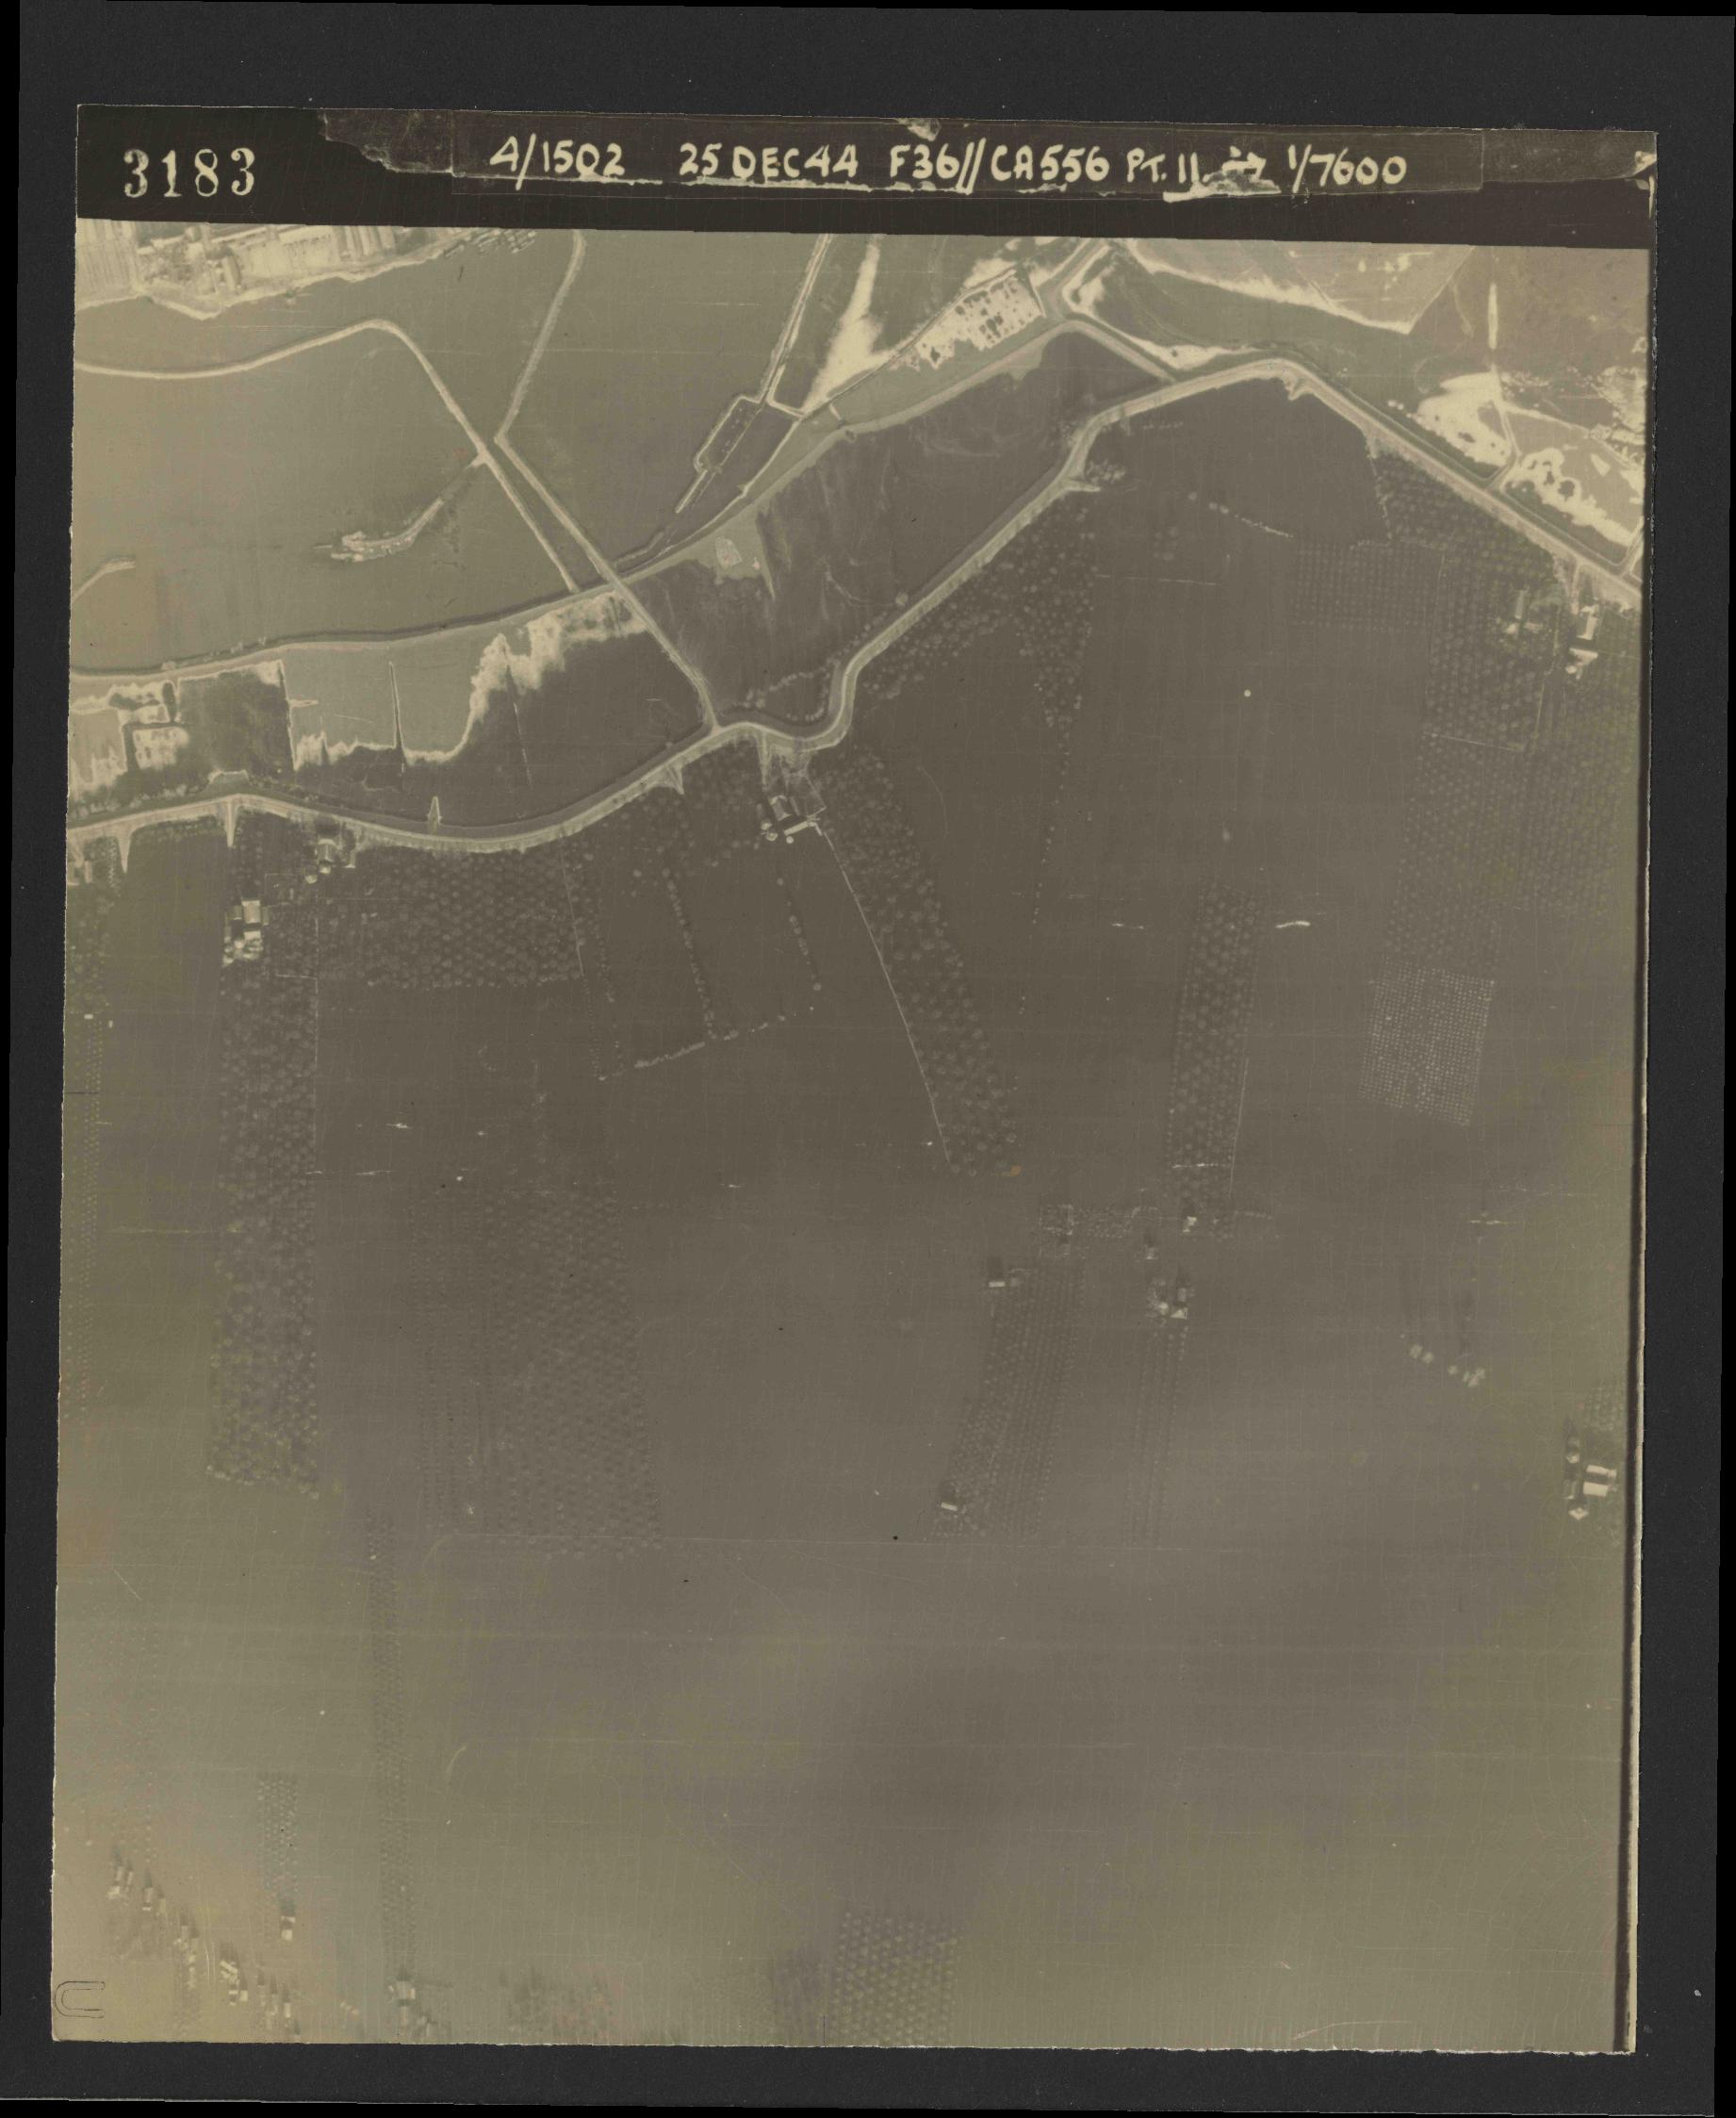 Collection RAF aerial photos 1940-1945 - flight 306, run 06, photo 3183